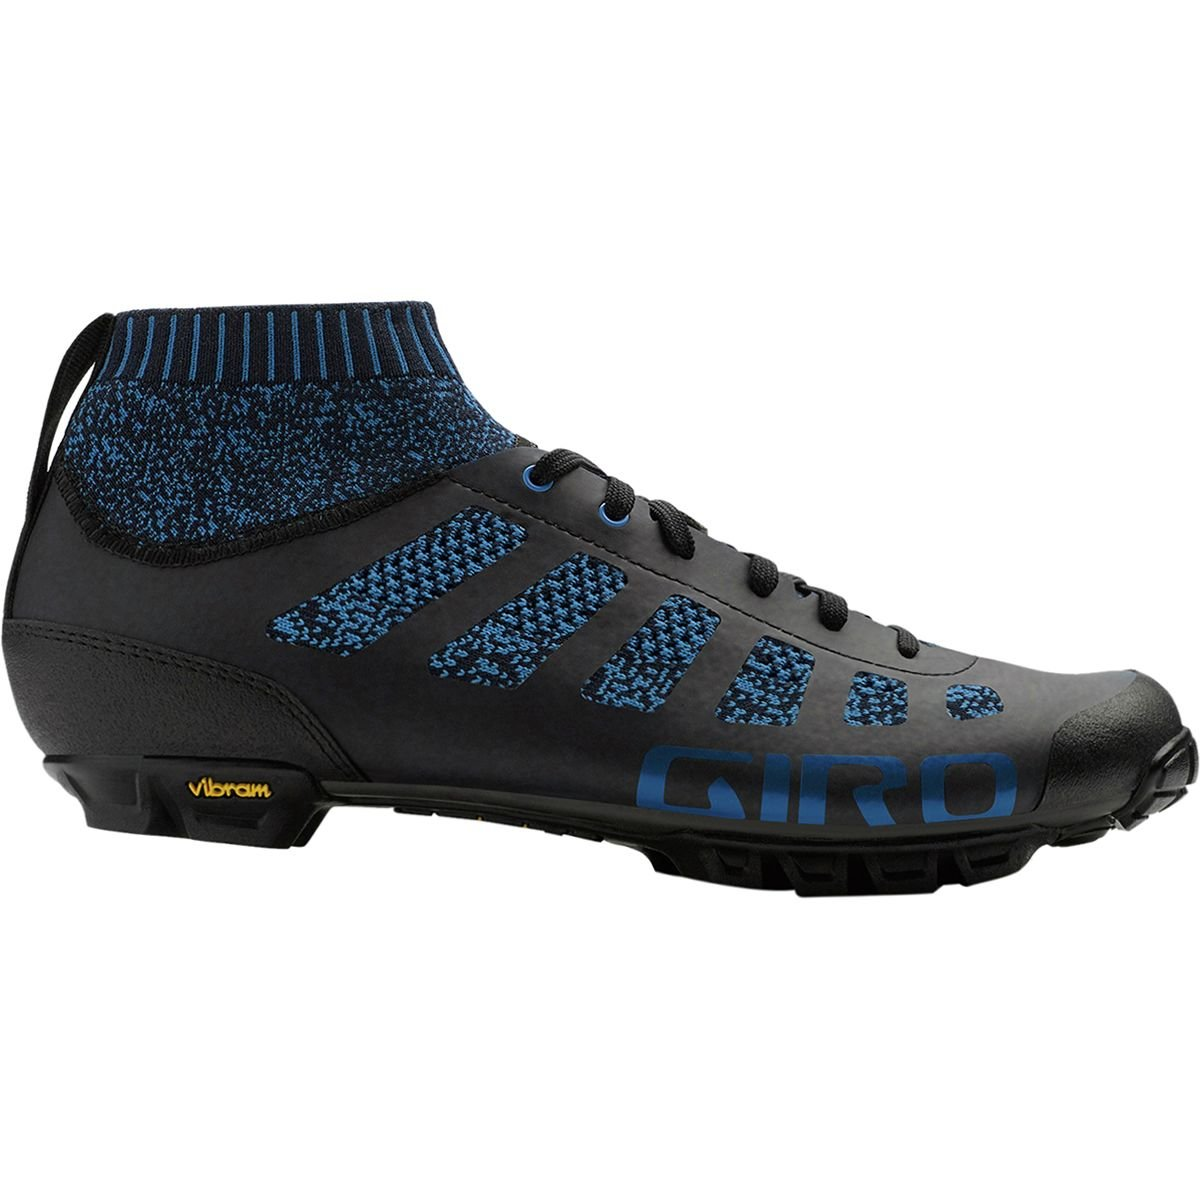 [ジロ Giro] メンズ スポーツ サイクリング Empire VR70 Knit Shoe [並行輸入品] B07JZ4MTPL 45